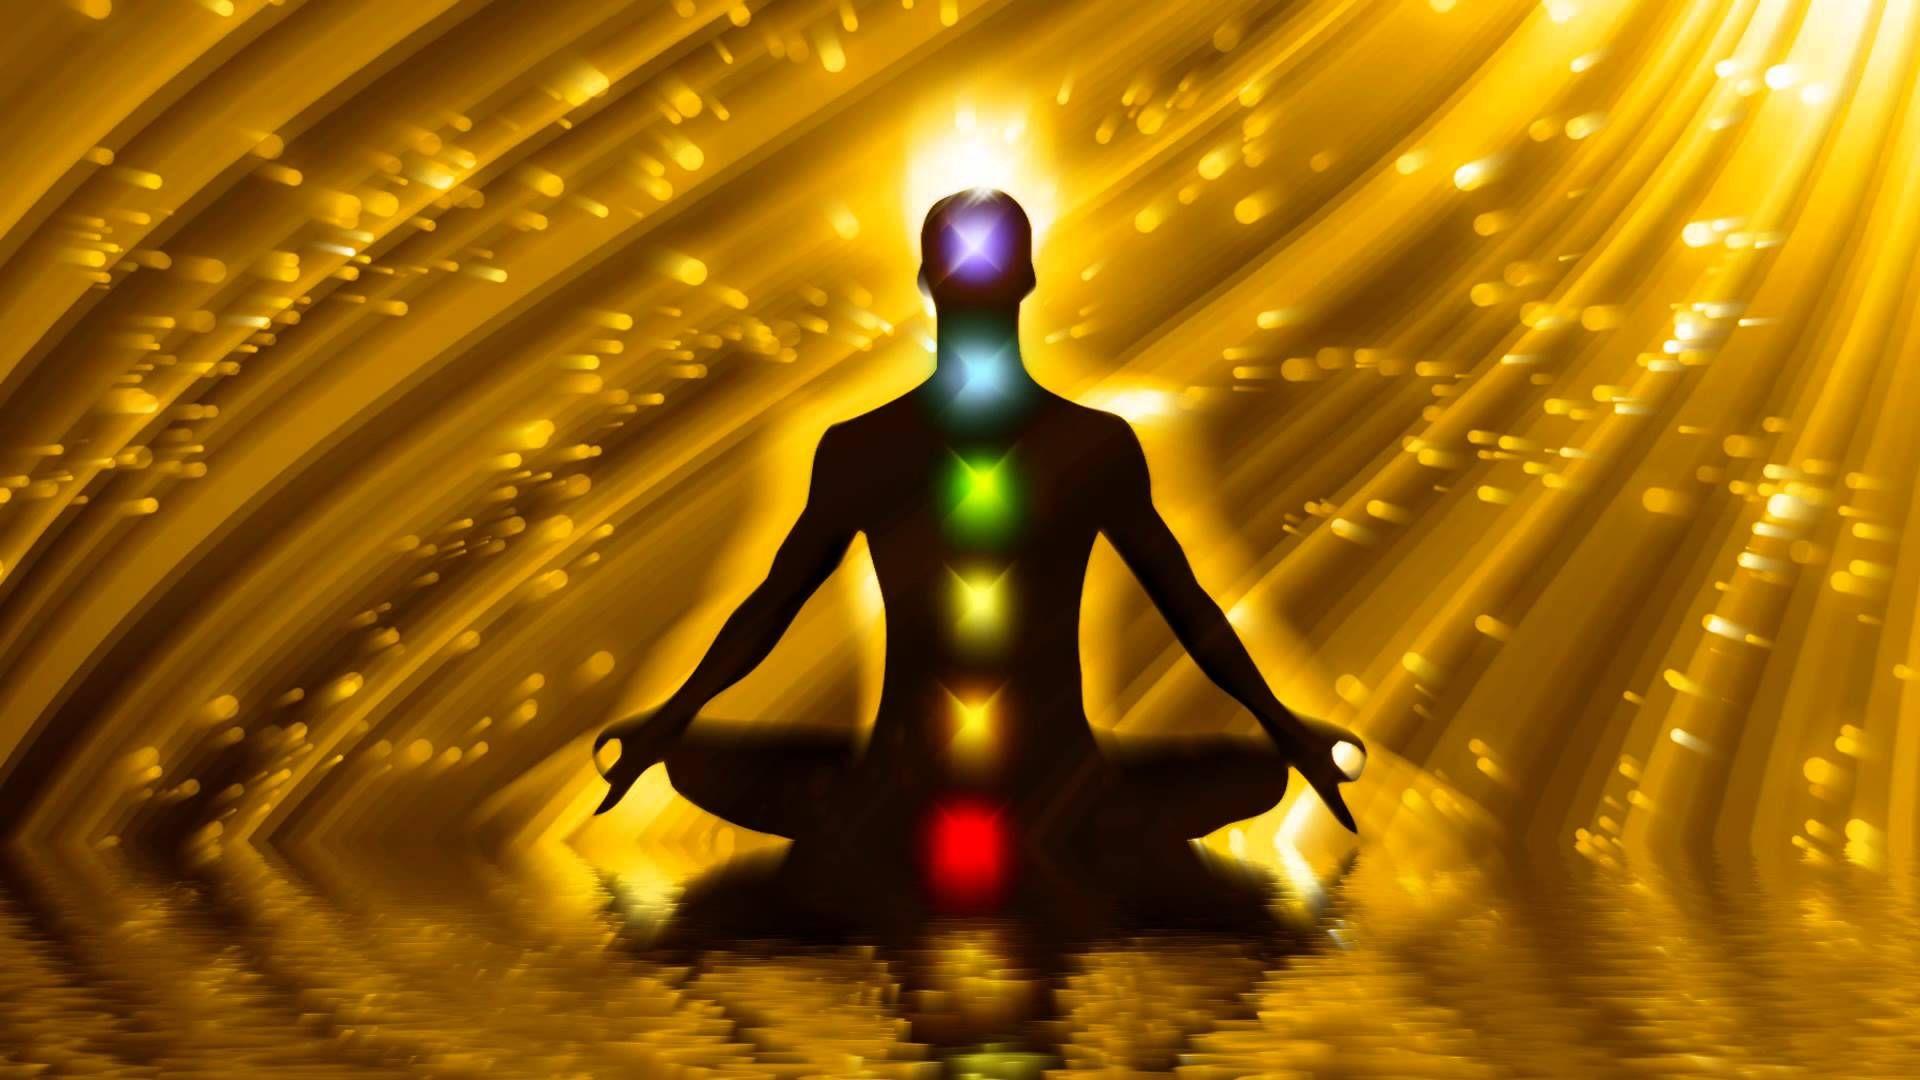 Meditation full hd 1080p wallpaper